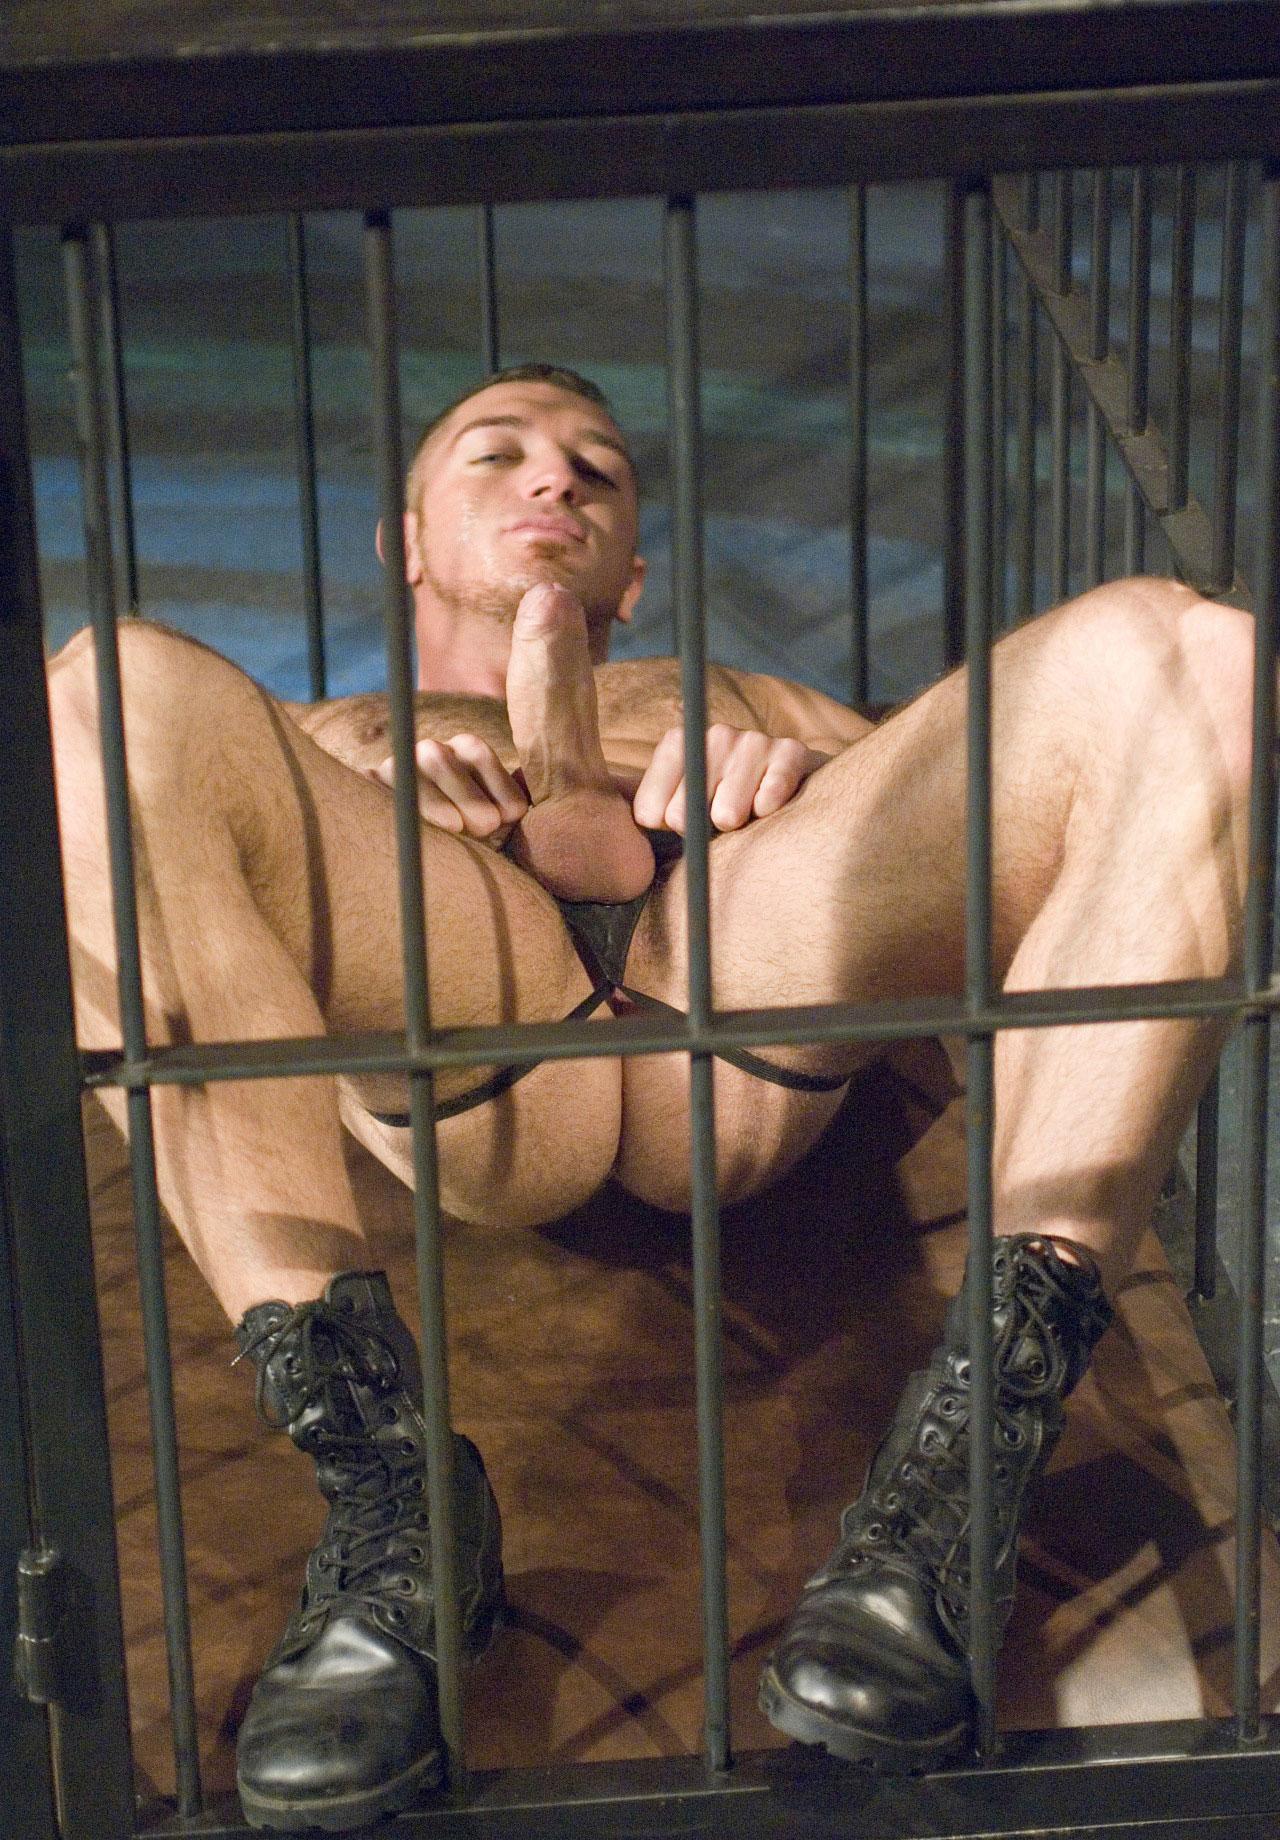 escort vip en santiago pelis porno online gratis